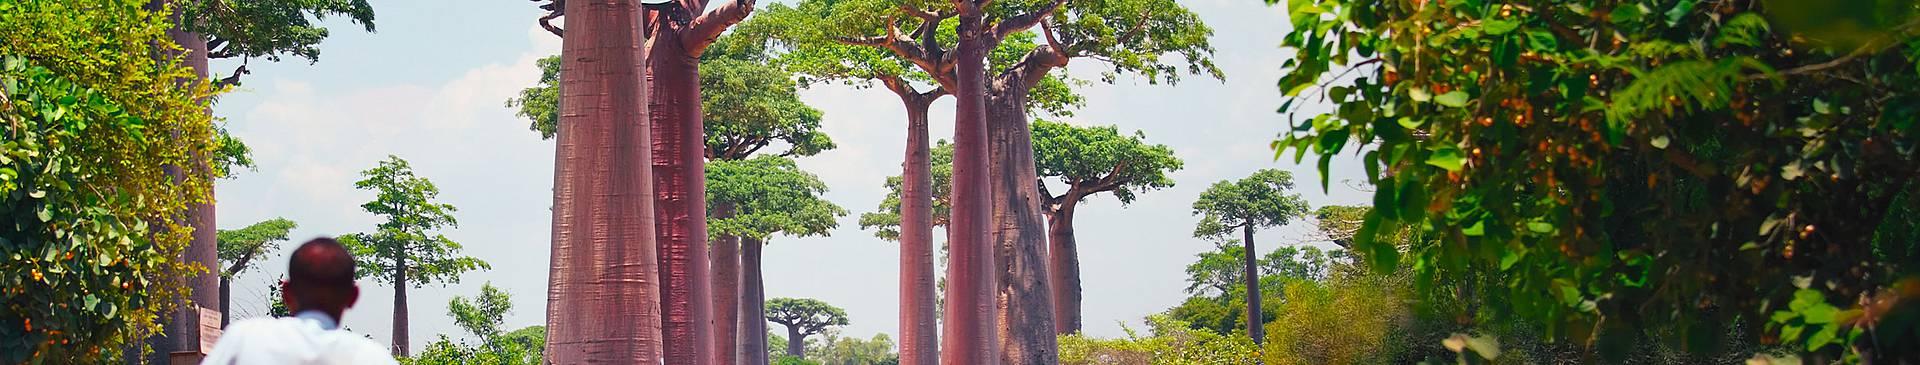 Voyage nature à Madagascar